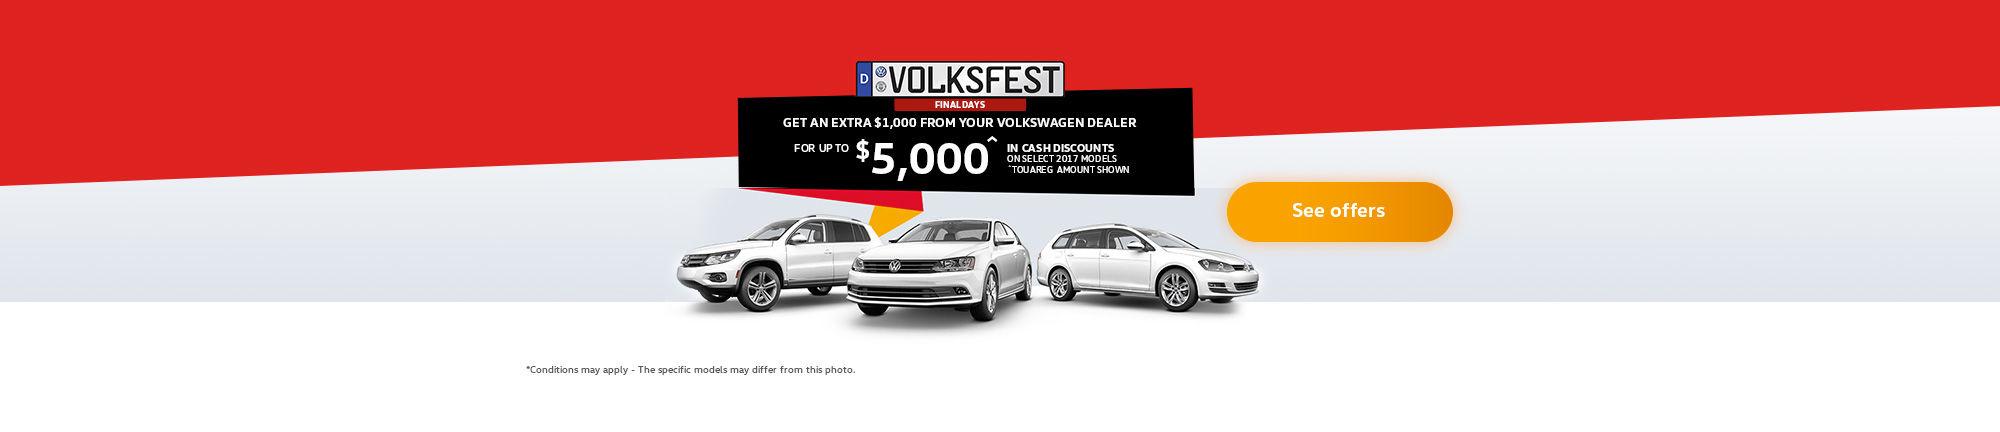 Volksfest Final Days